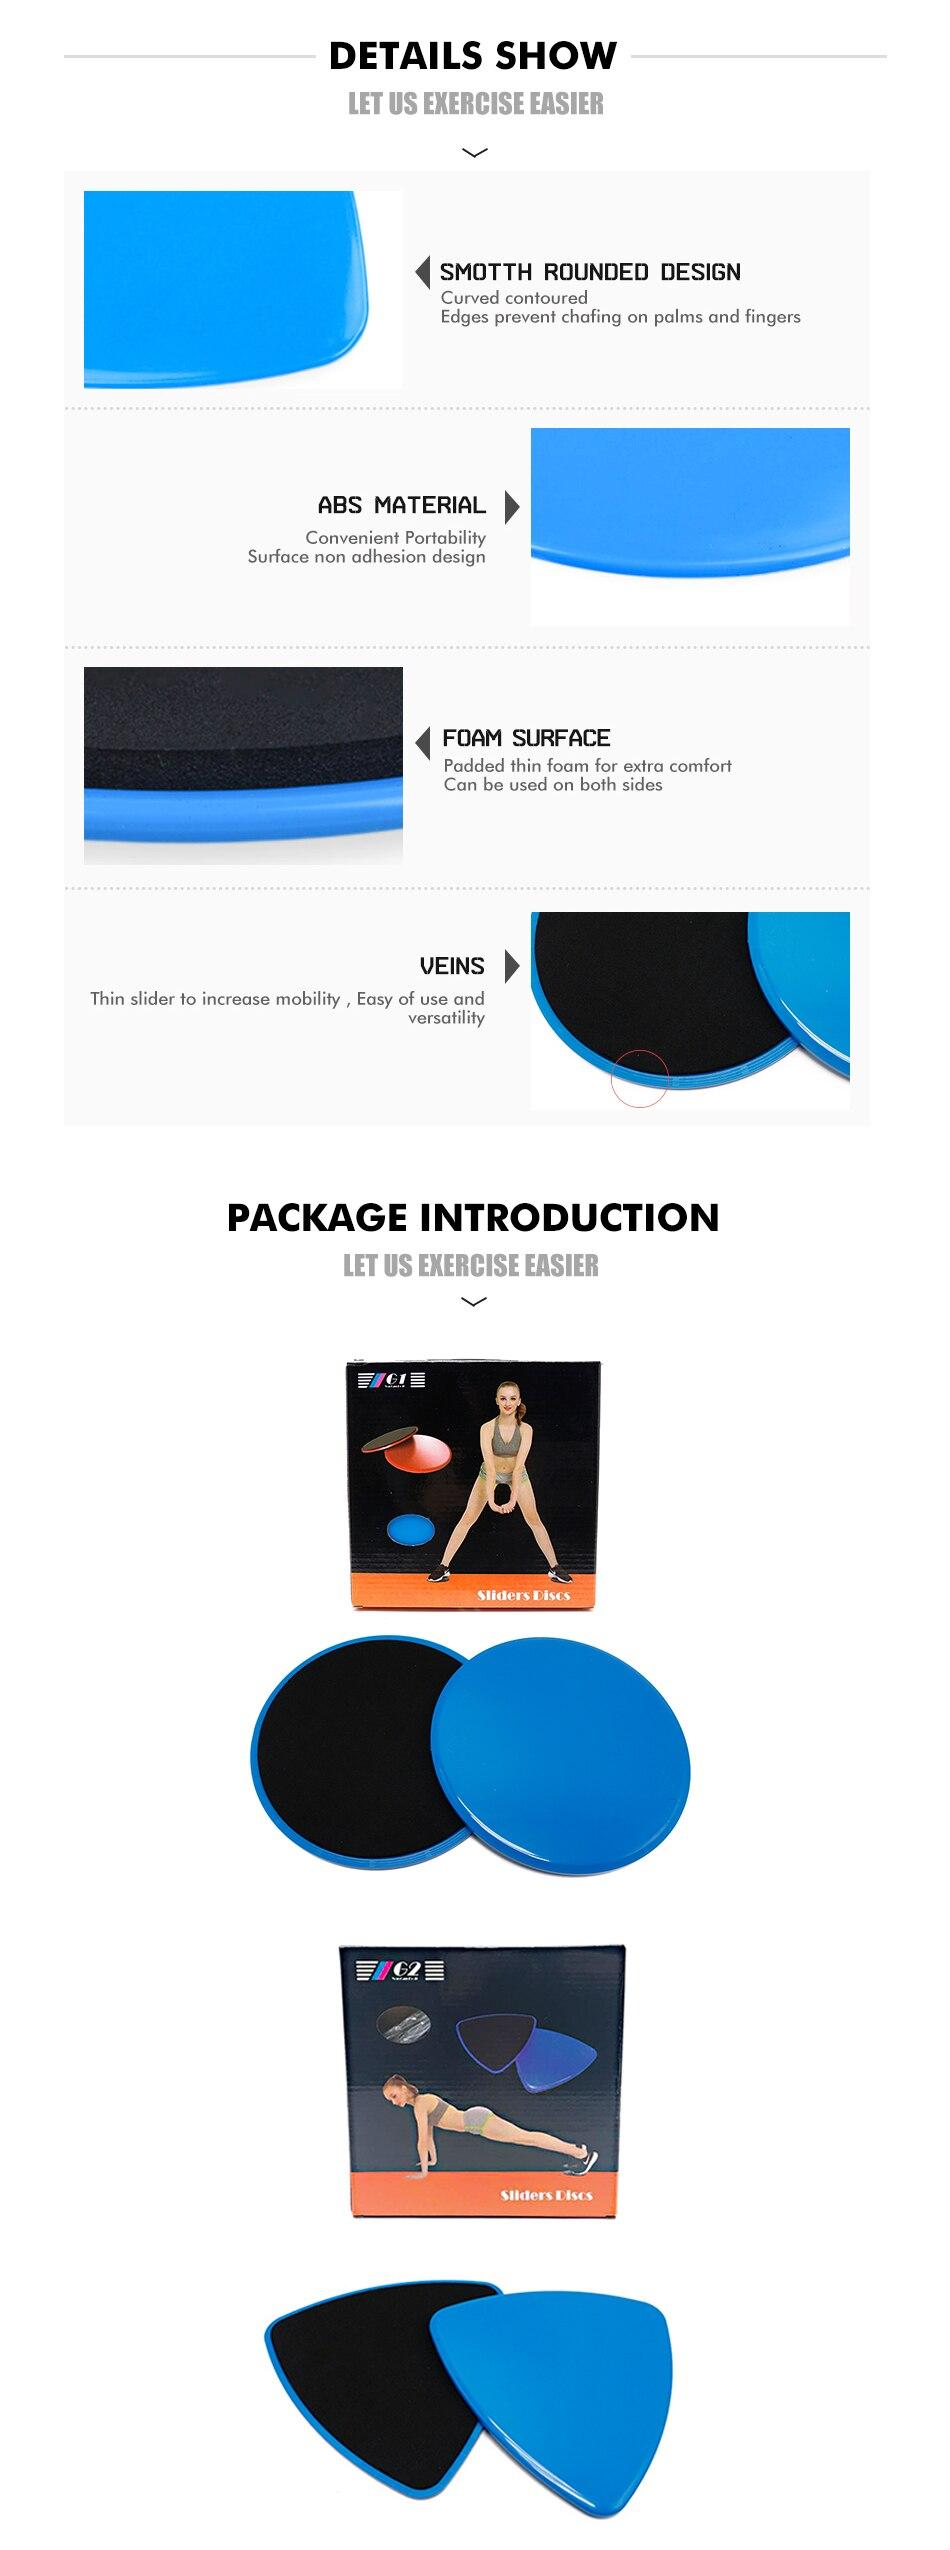 1 Pair Meluncur Disc Inti Geser Slider Pelatihan Crossfit Yoga Mercedes Benz Cls 400 Tahun 2015 Karpet Mobil Comfort Deluxe 12mm Car Mat Full Set 01 02